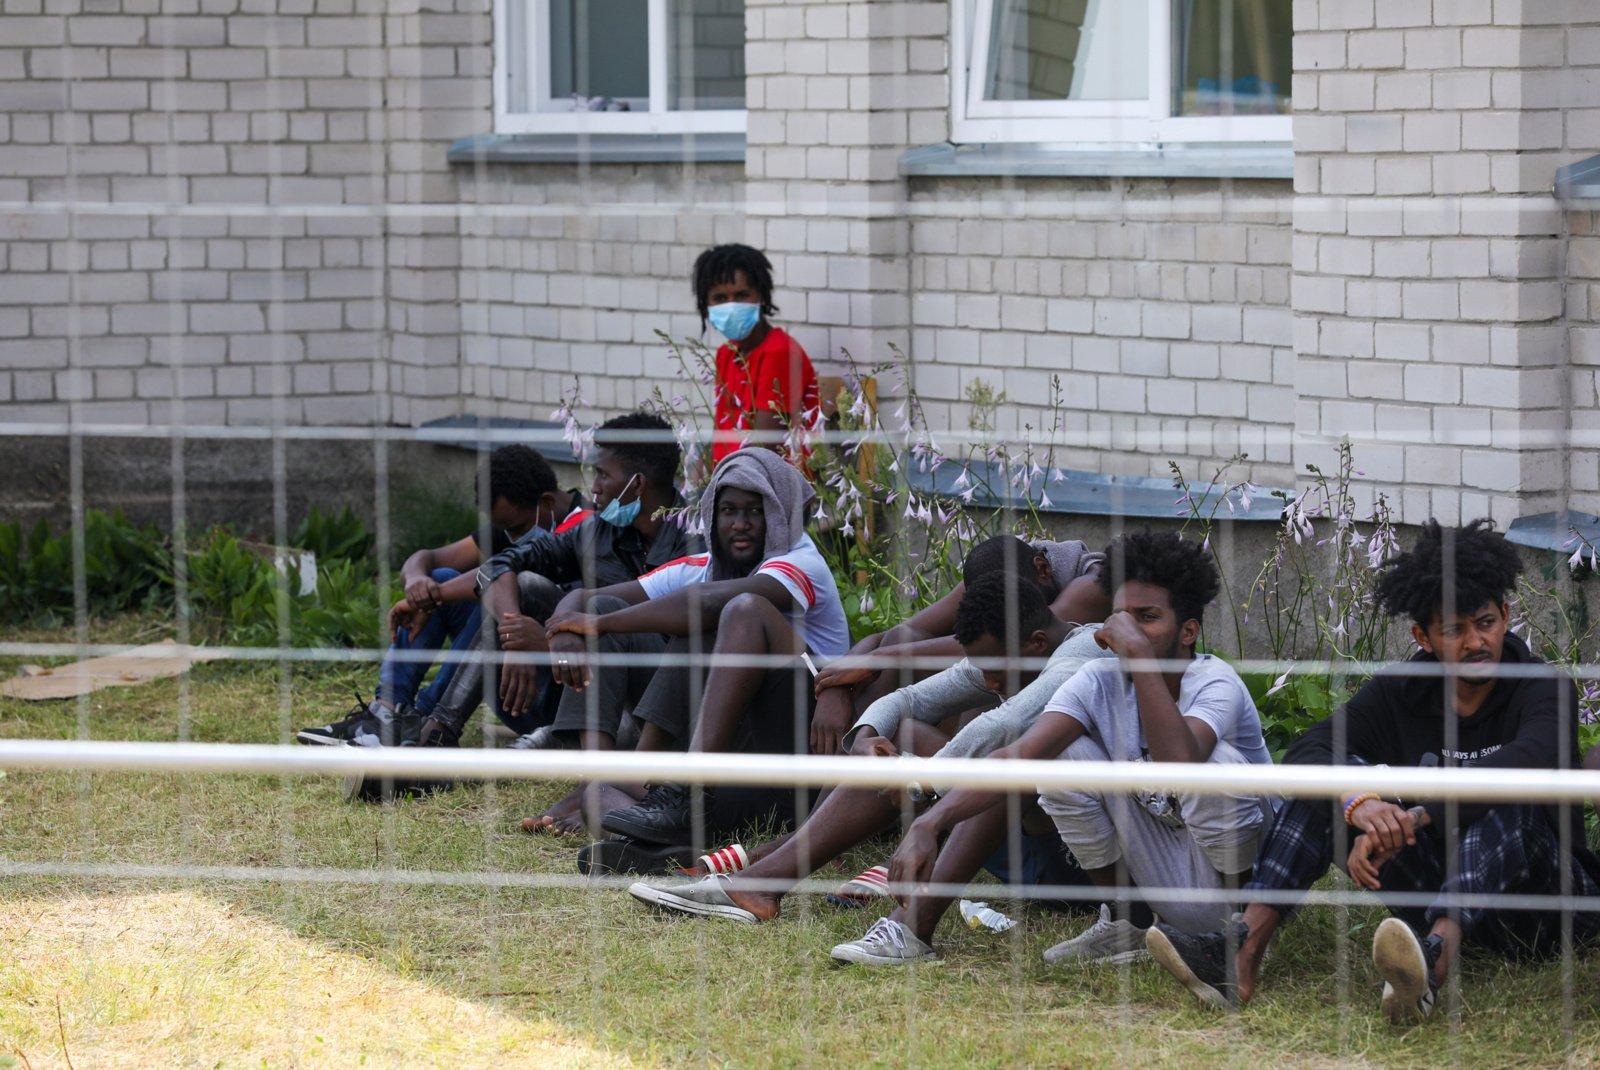 Svarbiausi pirmadienio įvykiai: migrantų krizė ir koronaviruso situacija